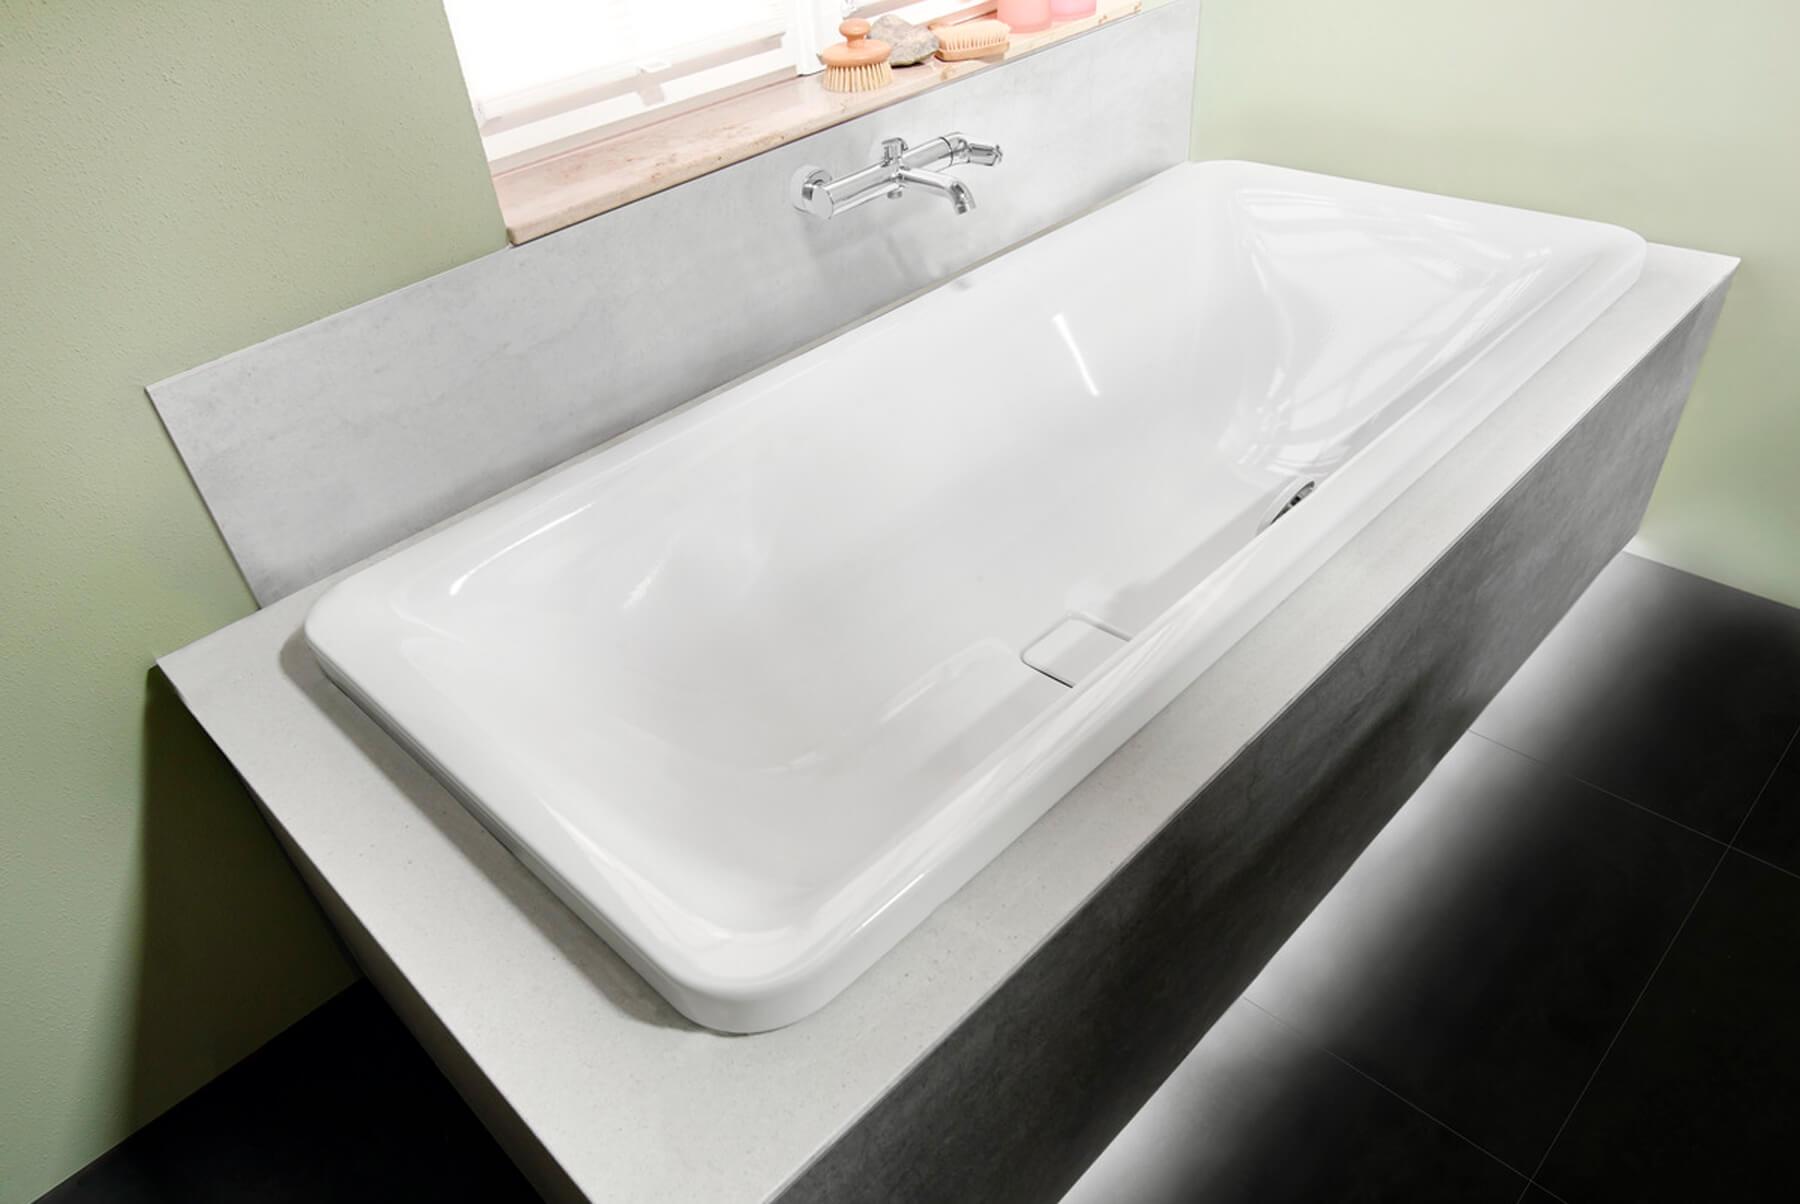 Bath-Tubs--KALDEWEI-INCAVA-5-1800x1204